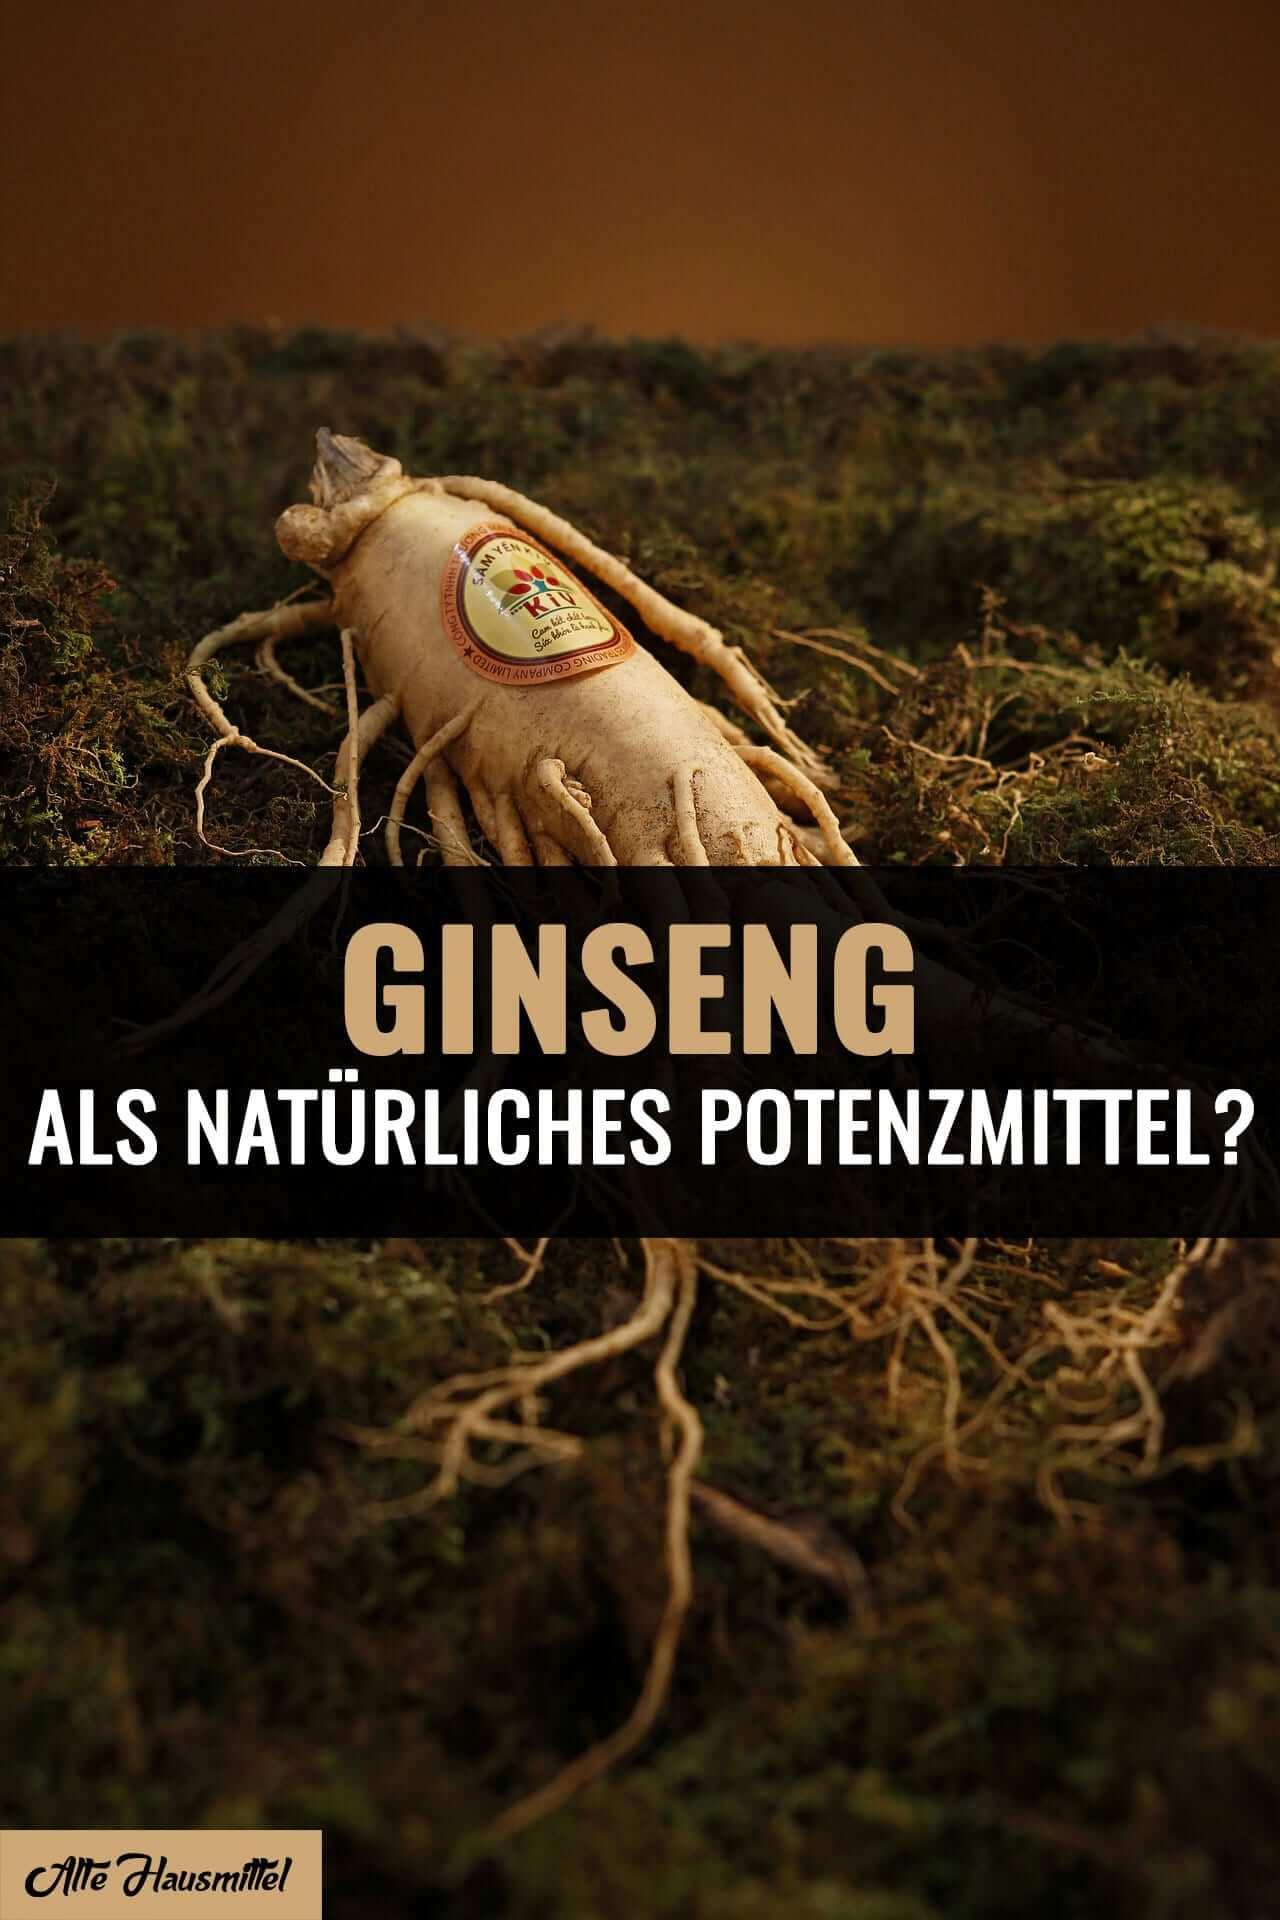 Ginseng-Potenz.jpg